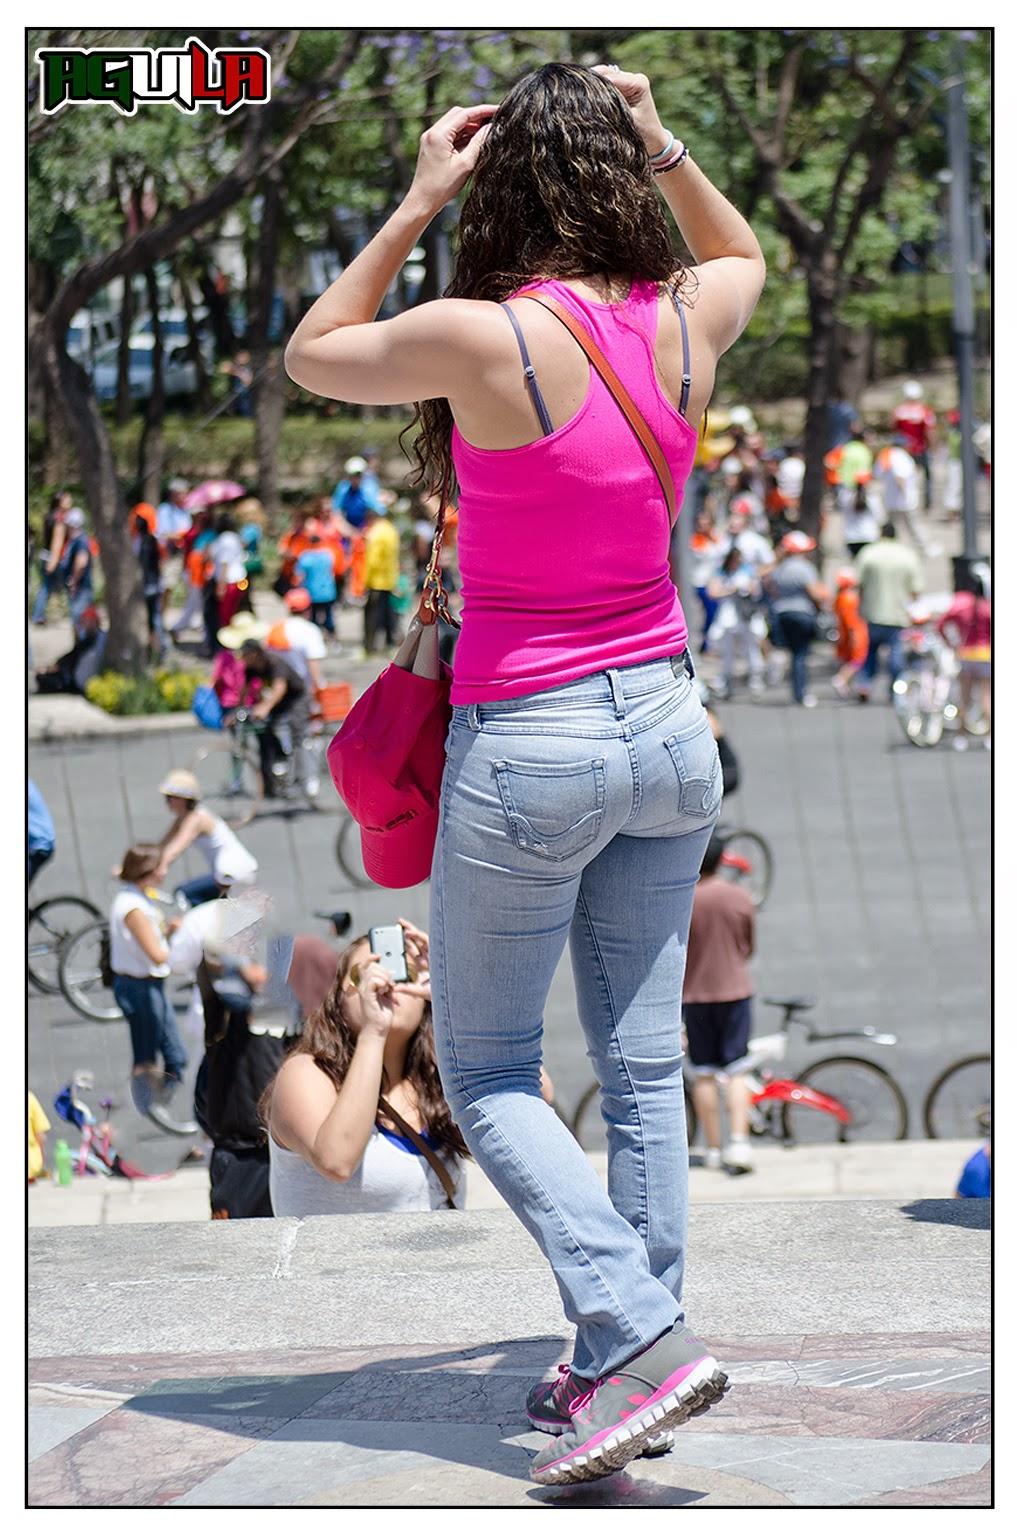 Candid jovensita por la ciudad piernas largas culona - 5 1